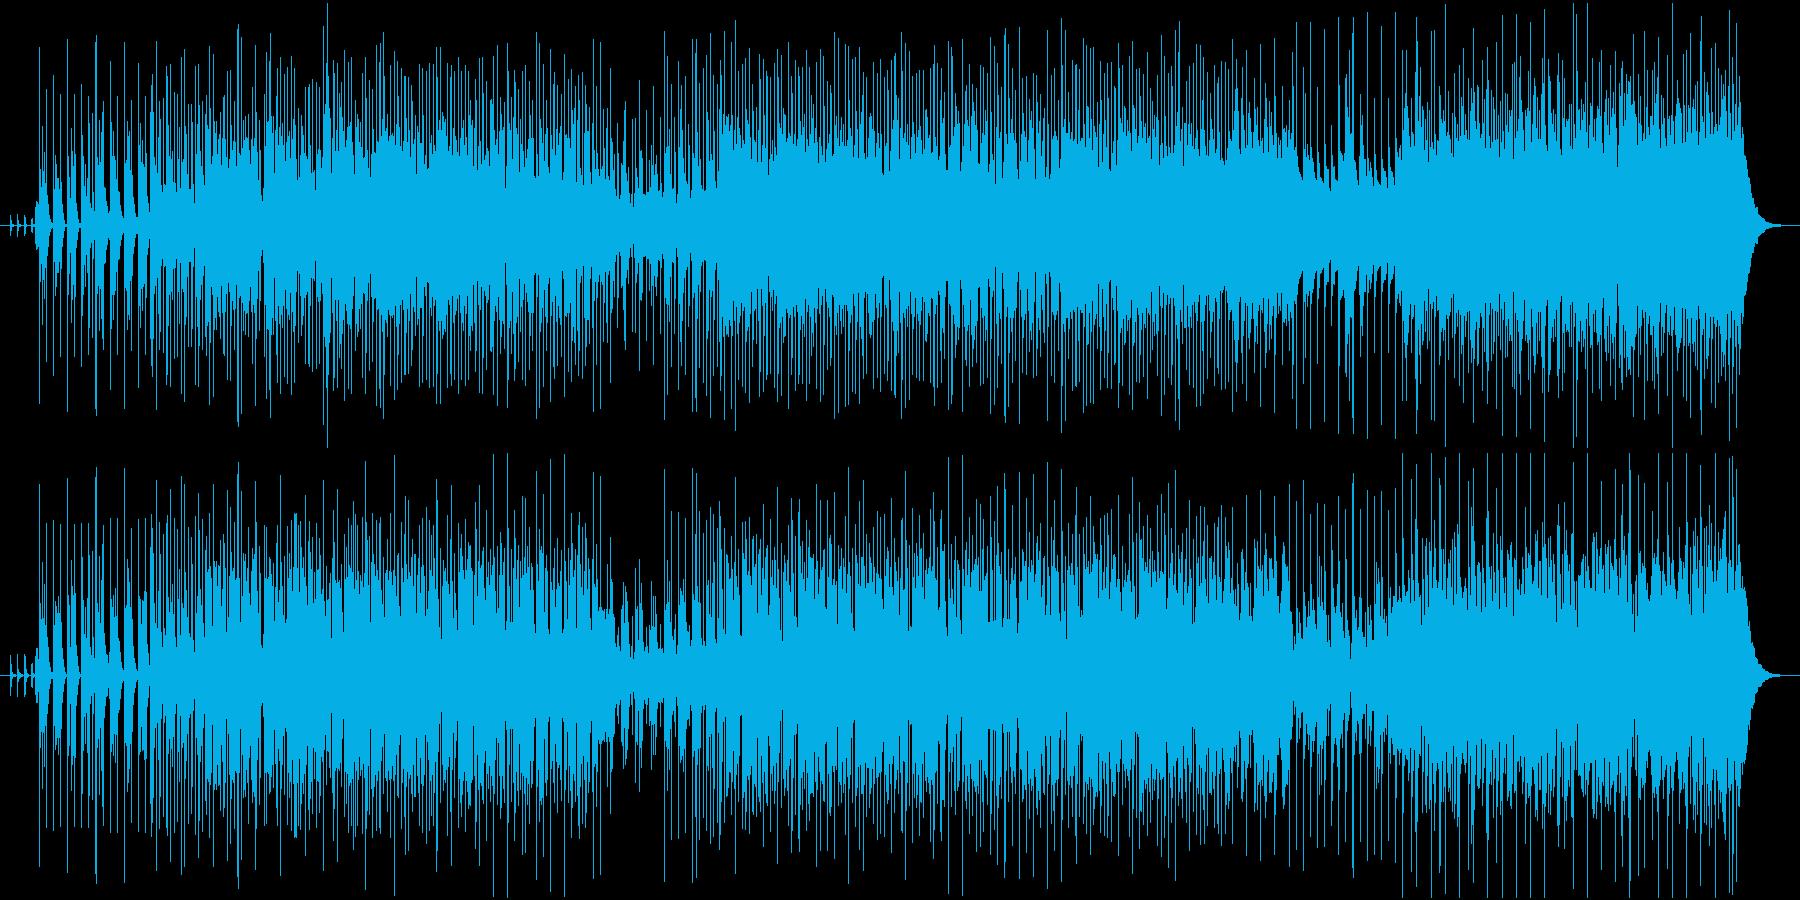 沢山の音とピアノのフレーズが交差する曲の再生済みの波形